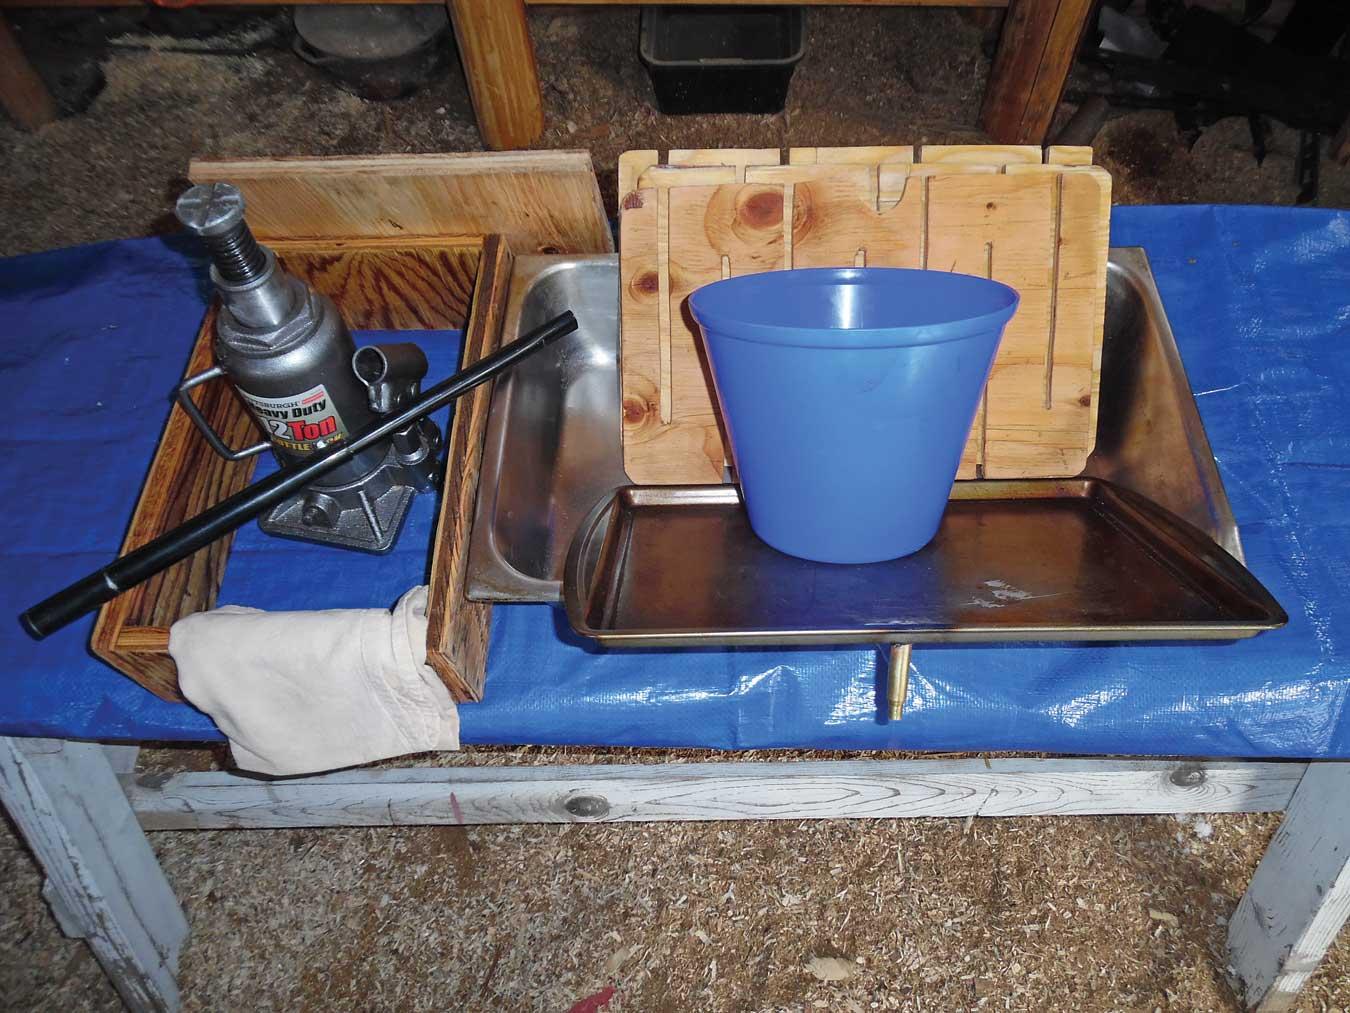 odds and ends of the cider grinder